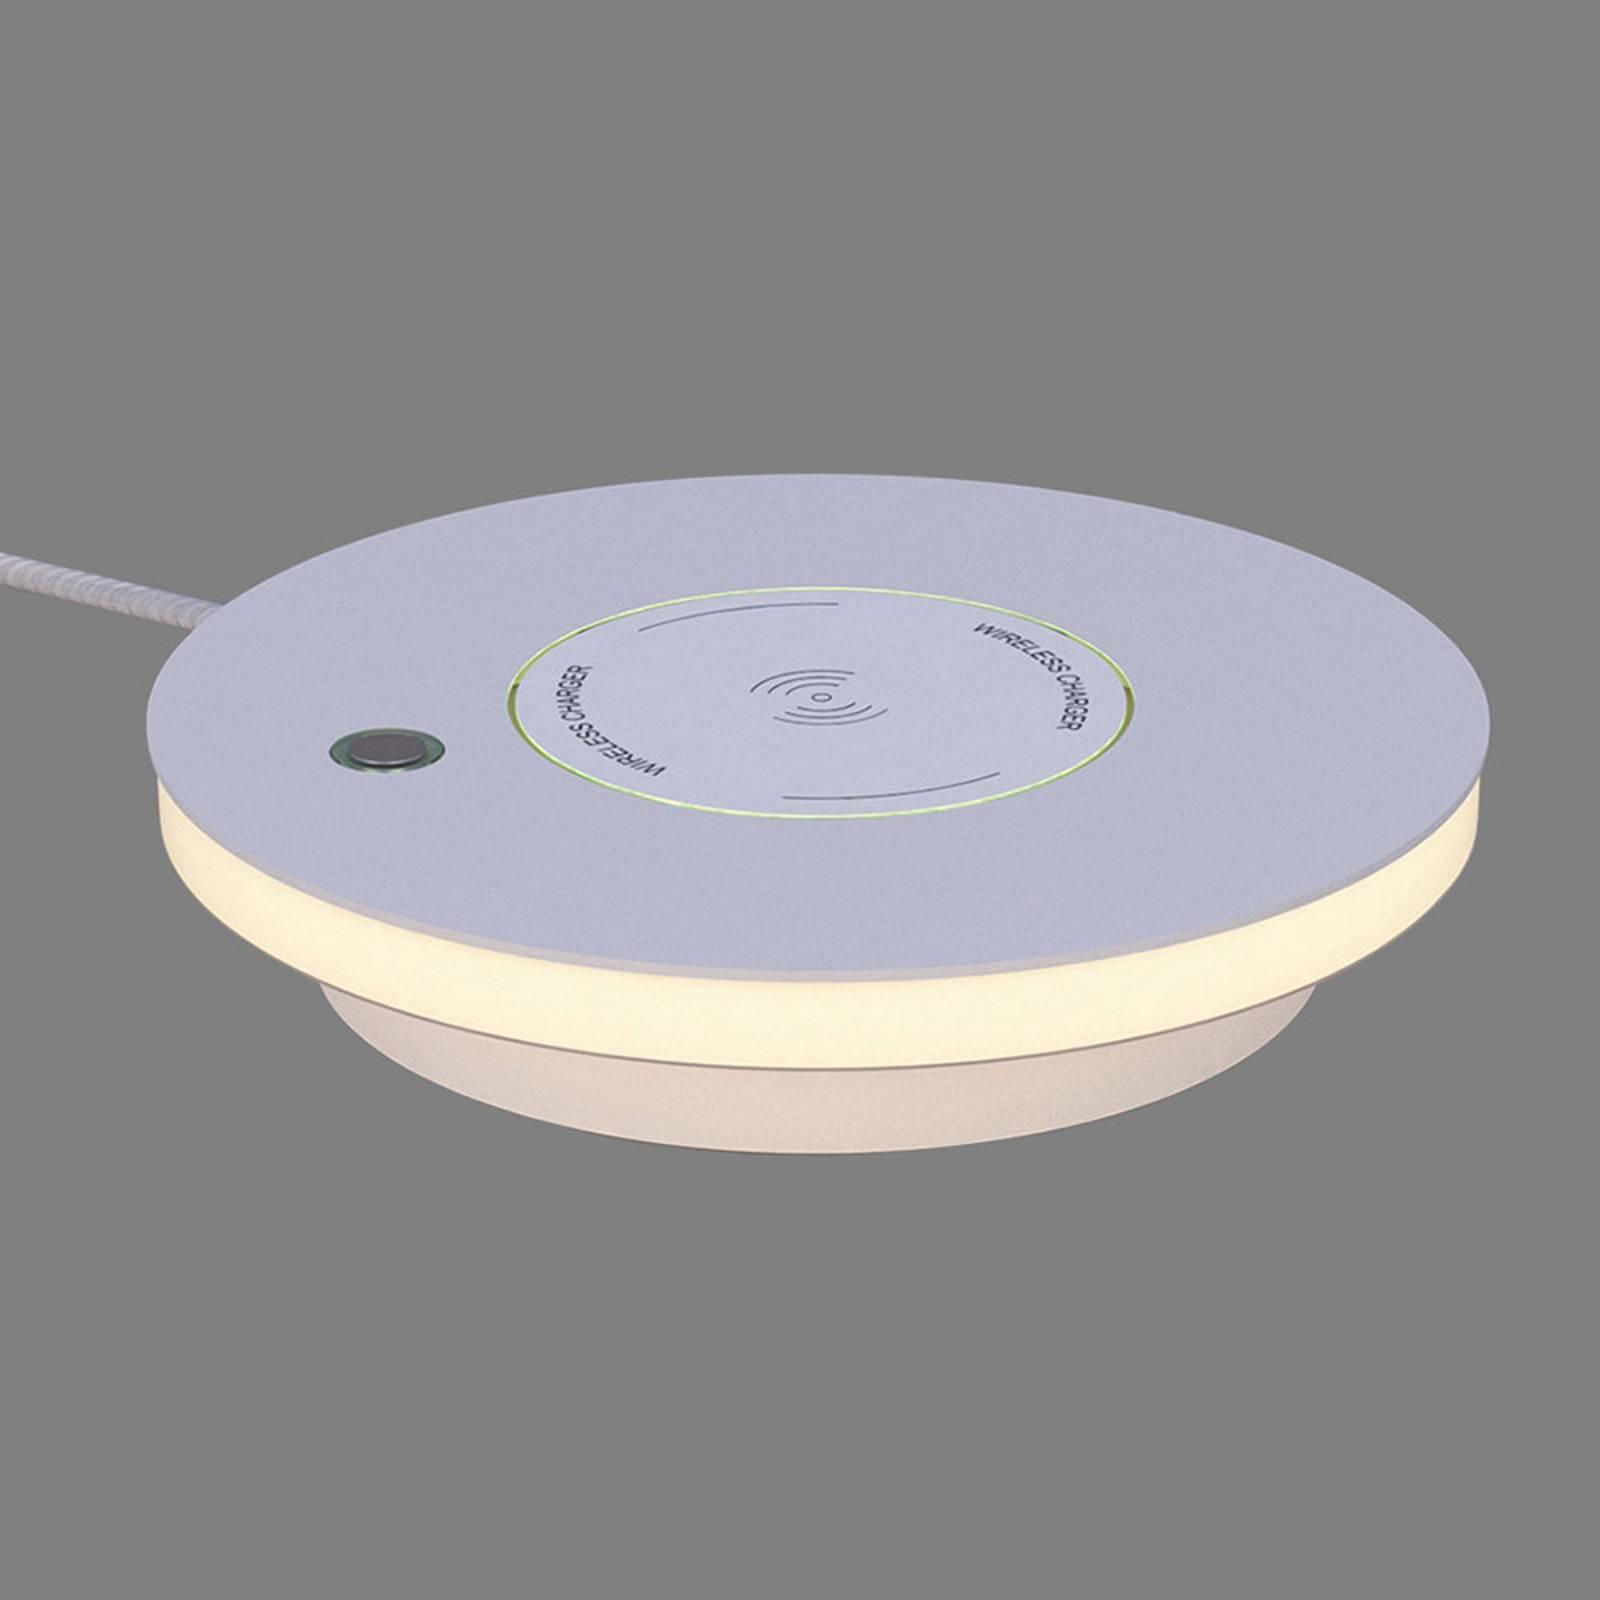 LED-Tischleuchte Ekil, QI-Ladestation, weiß